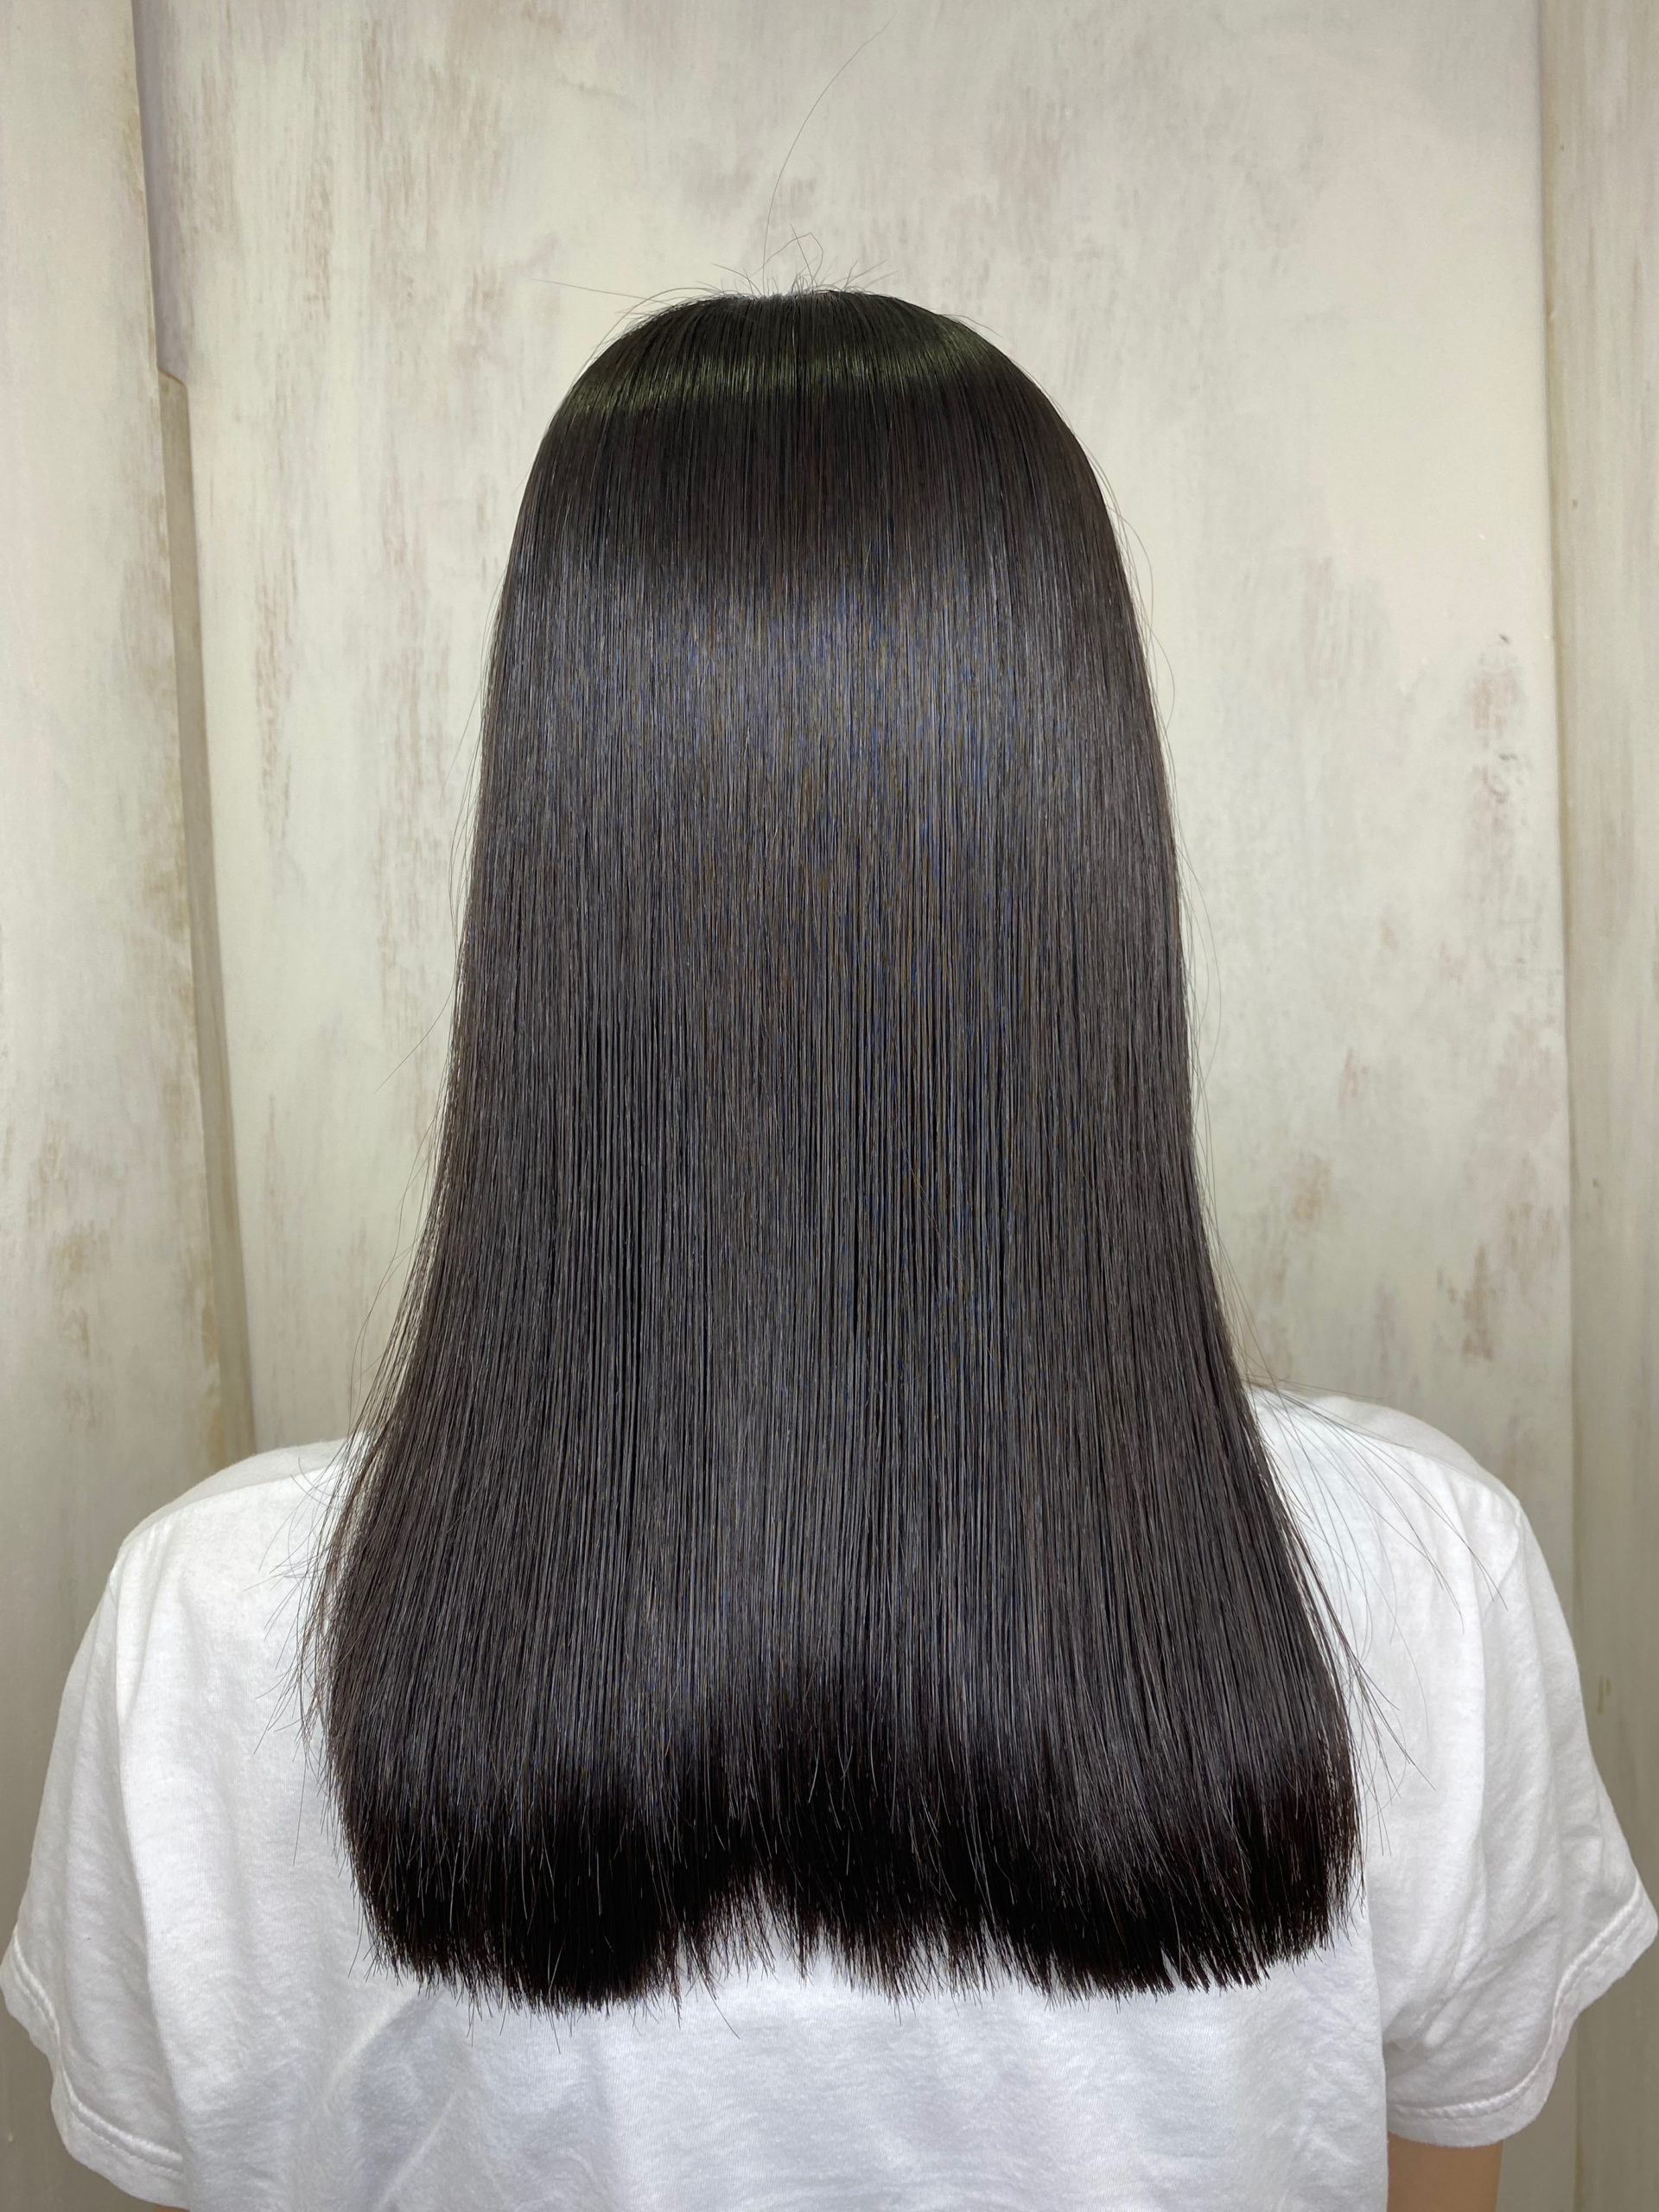 パサつきの気になる髪をジュエリーシステムシリーズ×縮毛矯正で艶髪。原宿・表参道『髪のお悩みを解決するヘアケア美容師の挑戦』